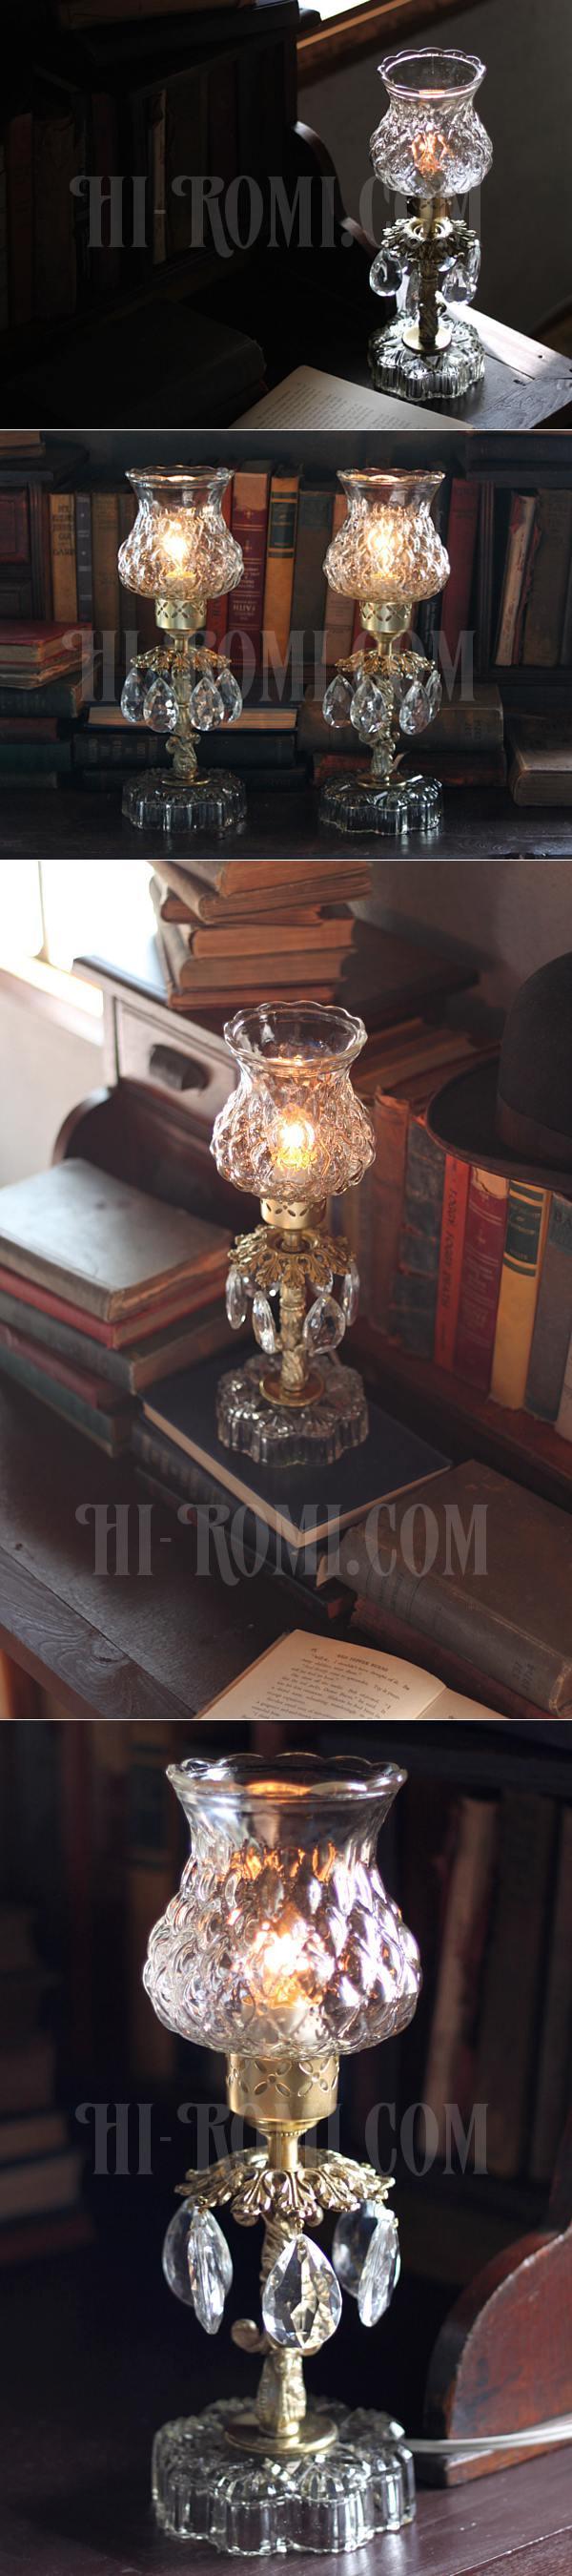 ヴィンテージプリズム付きアーガイルガラスシェードテーブルランプA/アンティークホブネイル卓上シャンデリア照明